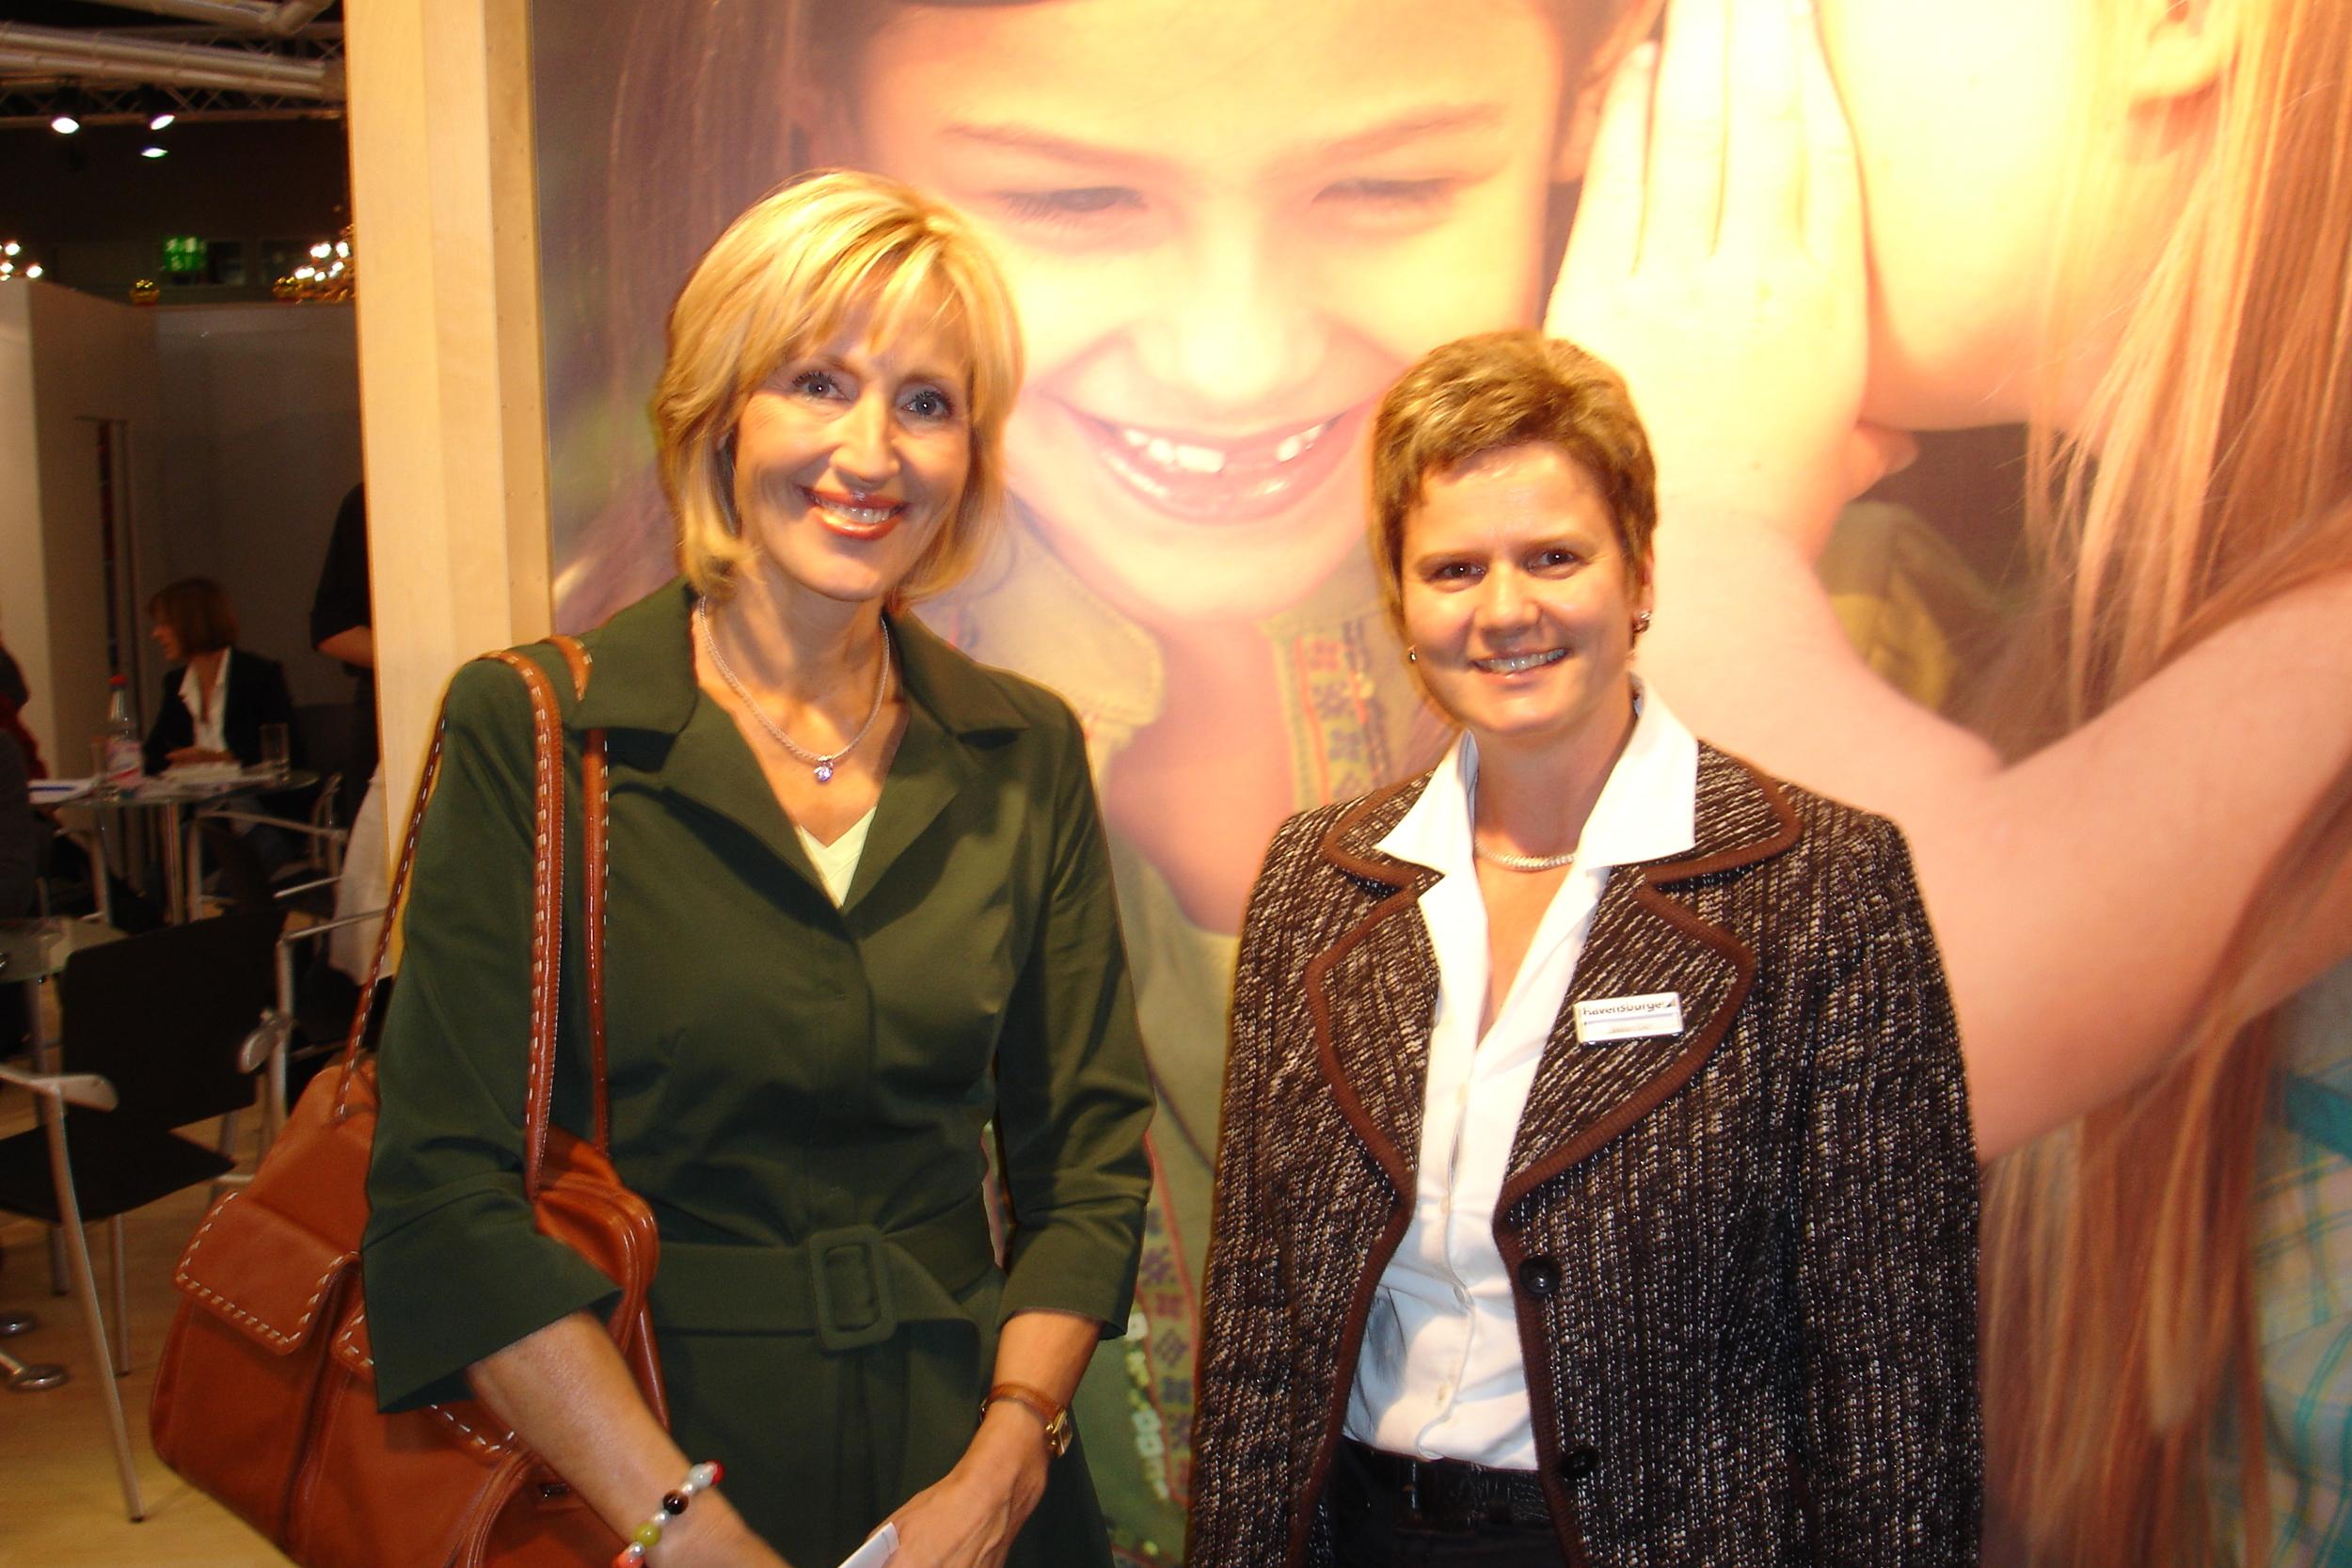 Projektbesprechung mit Petra Gerster, Moderatorin des heute-Journals